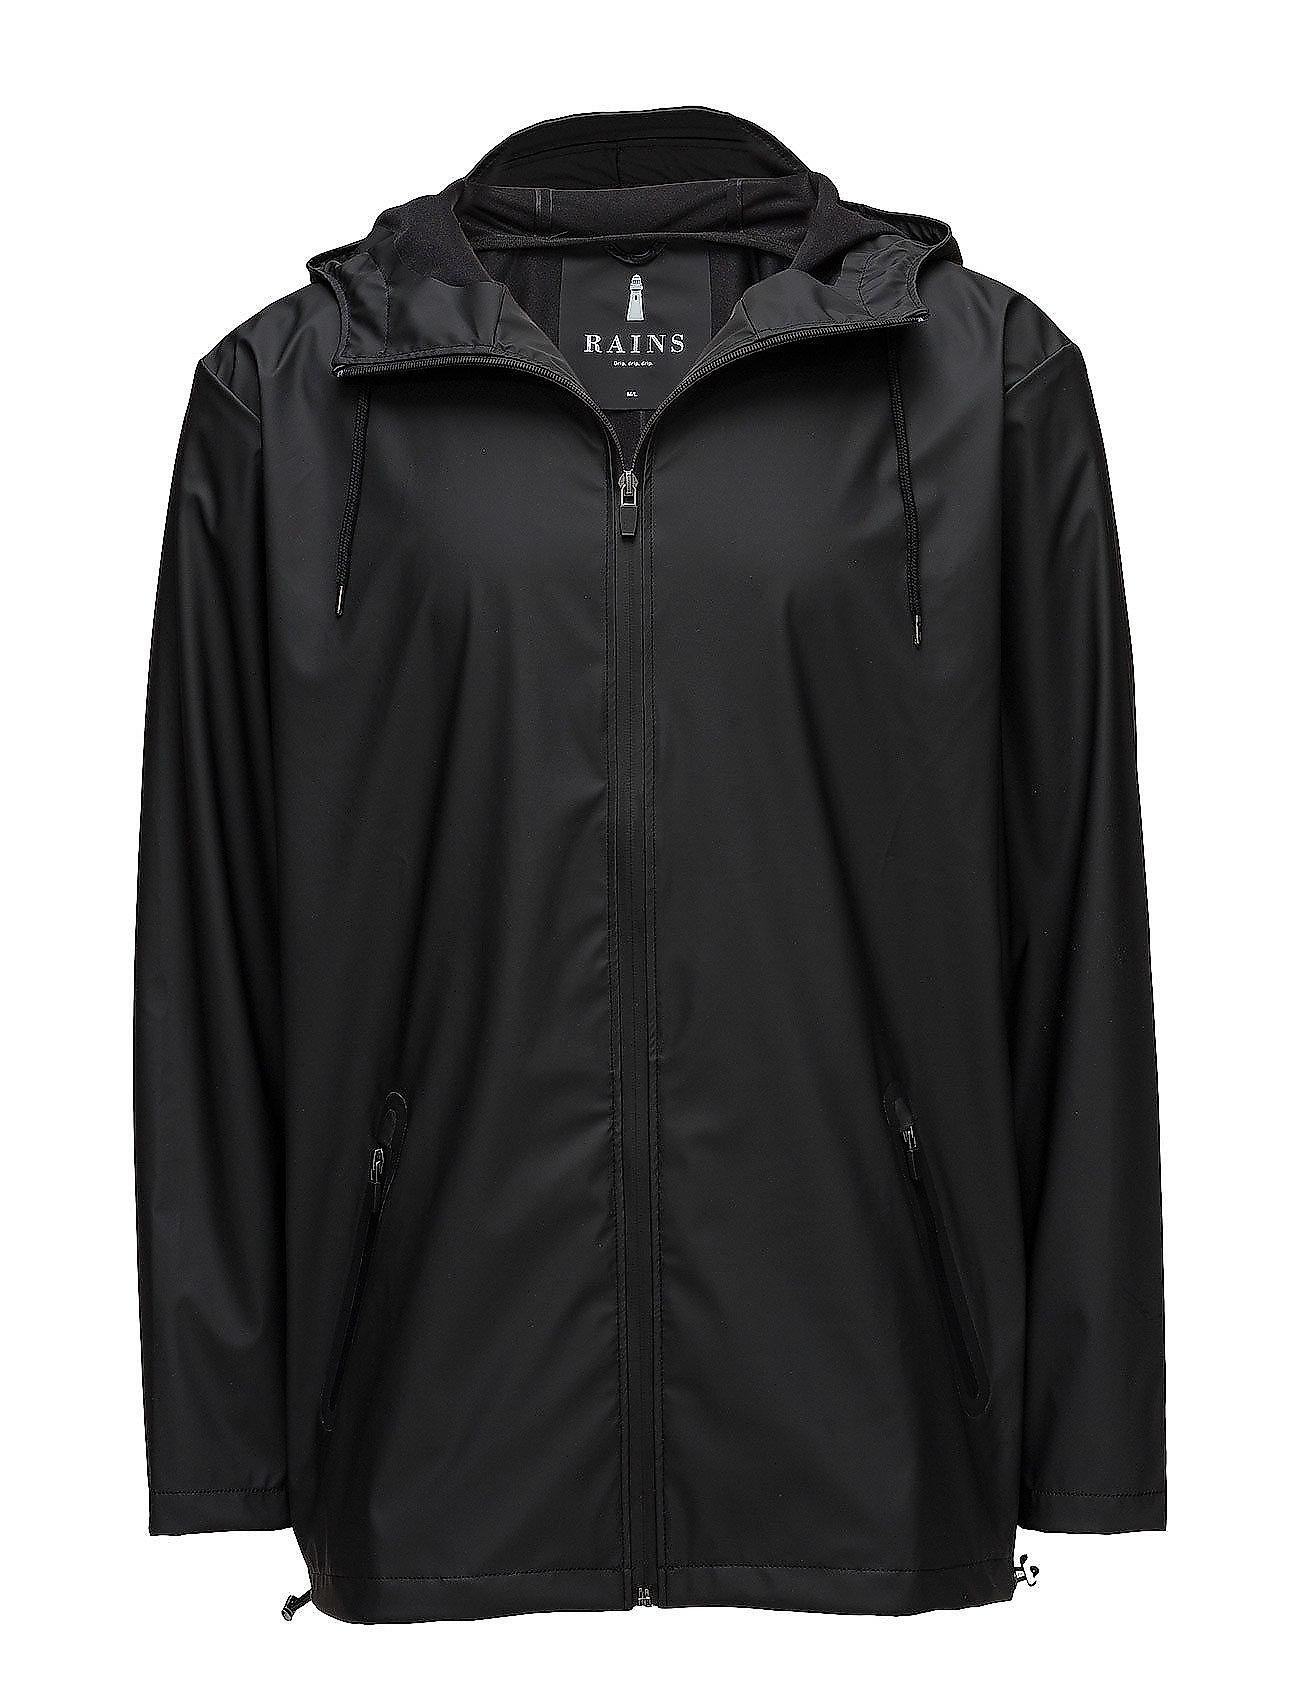 Rains Breaker - 01 BLACK